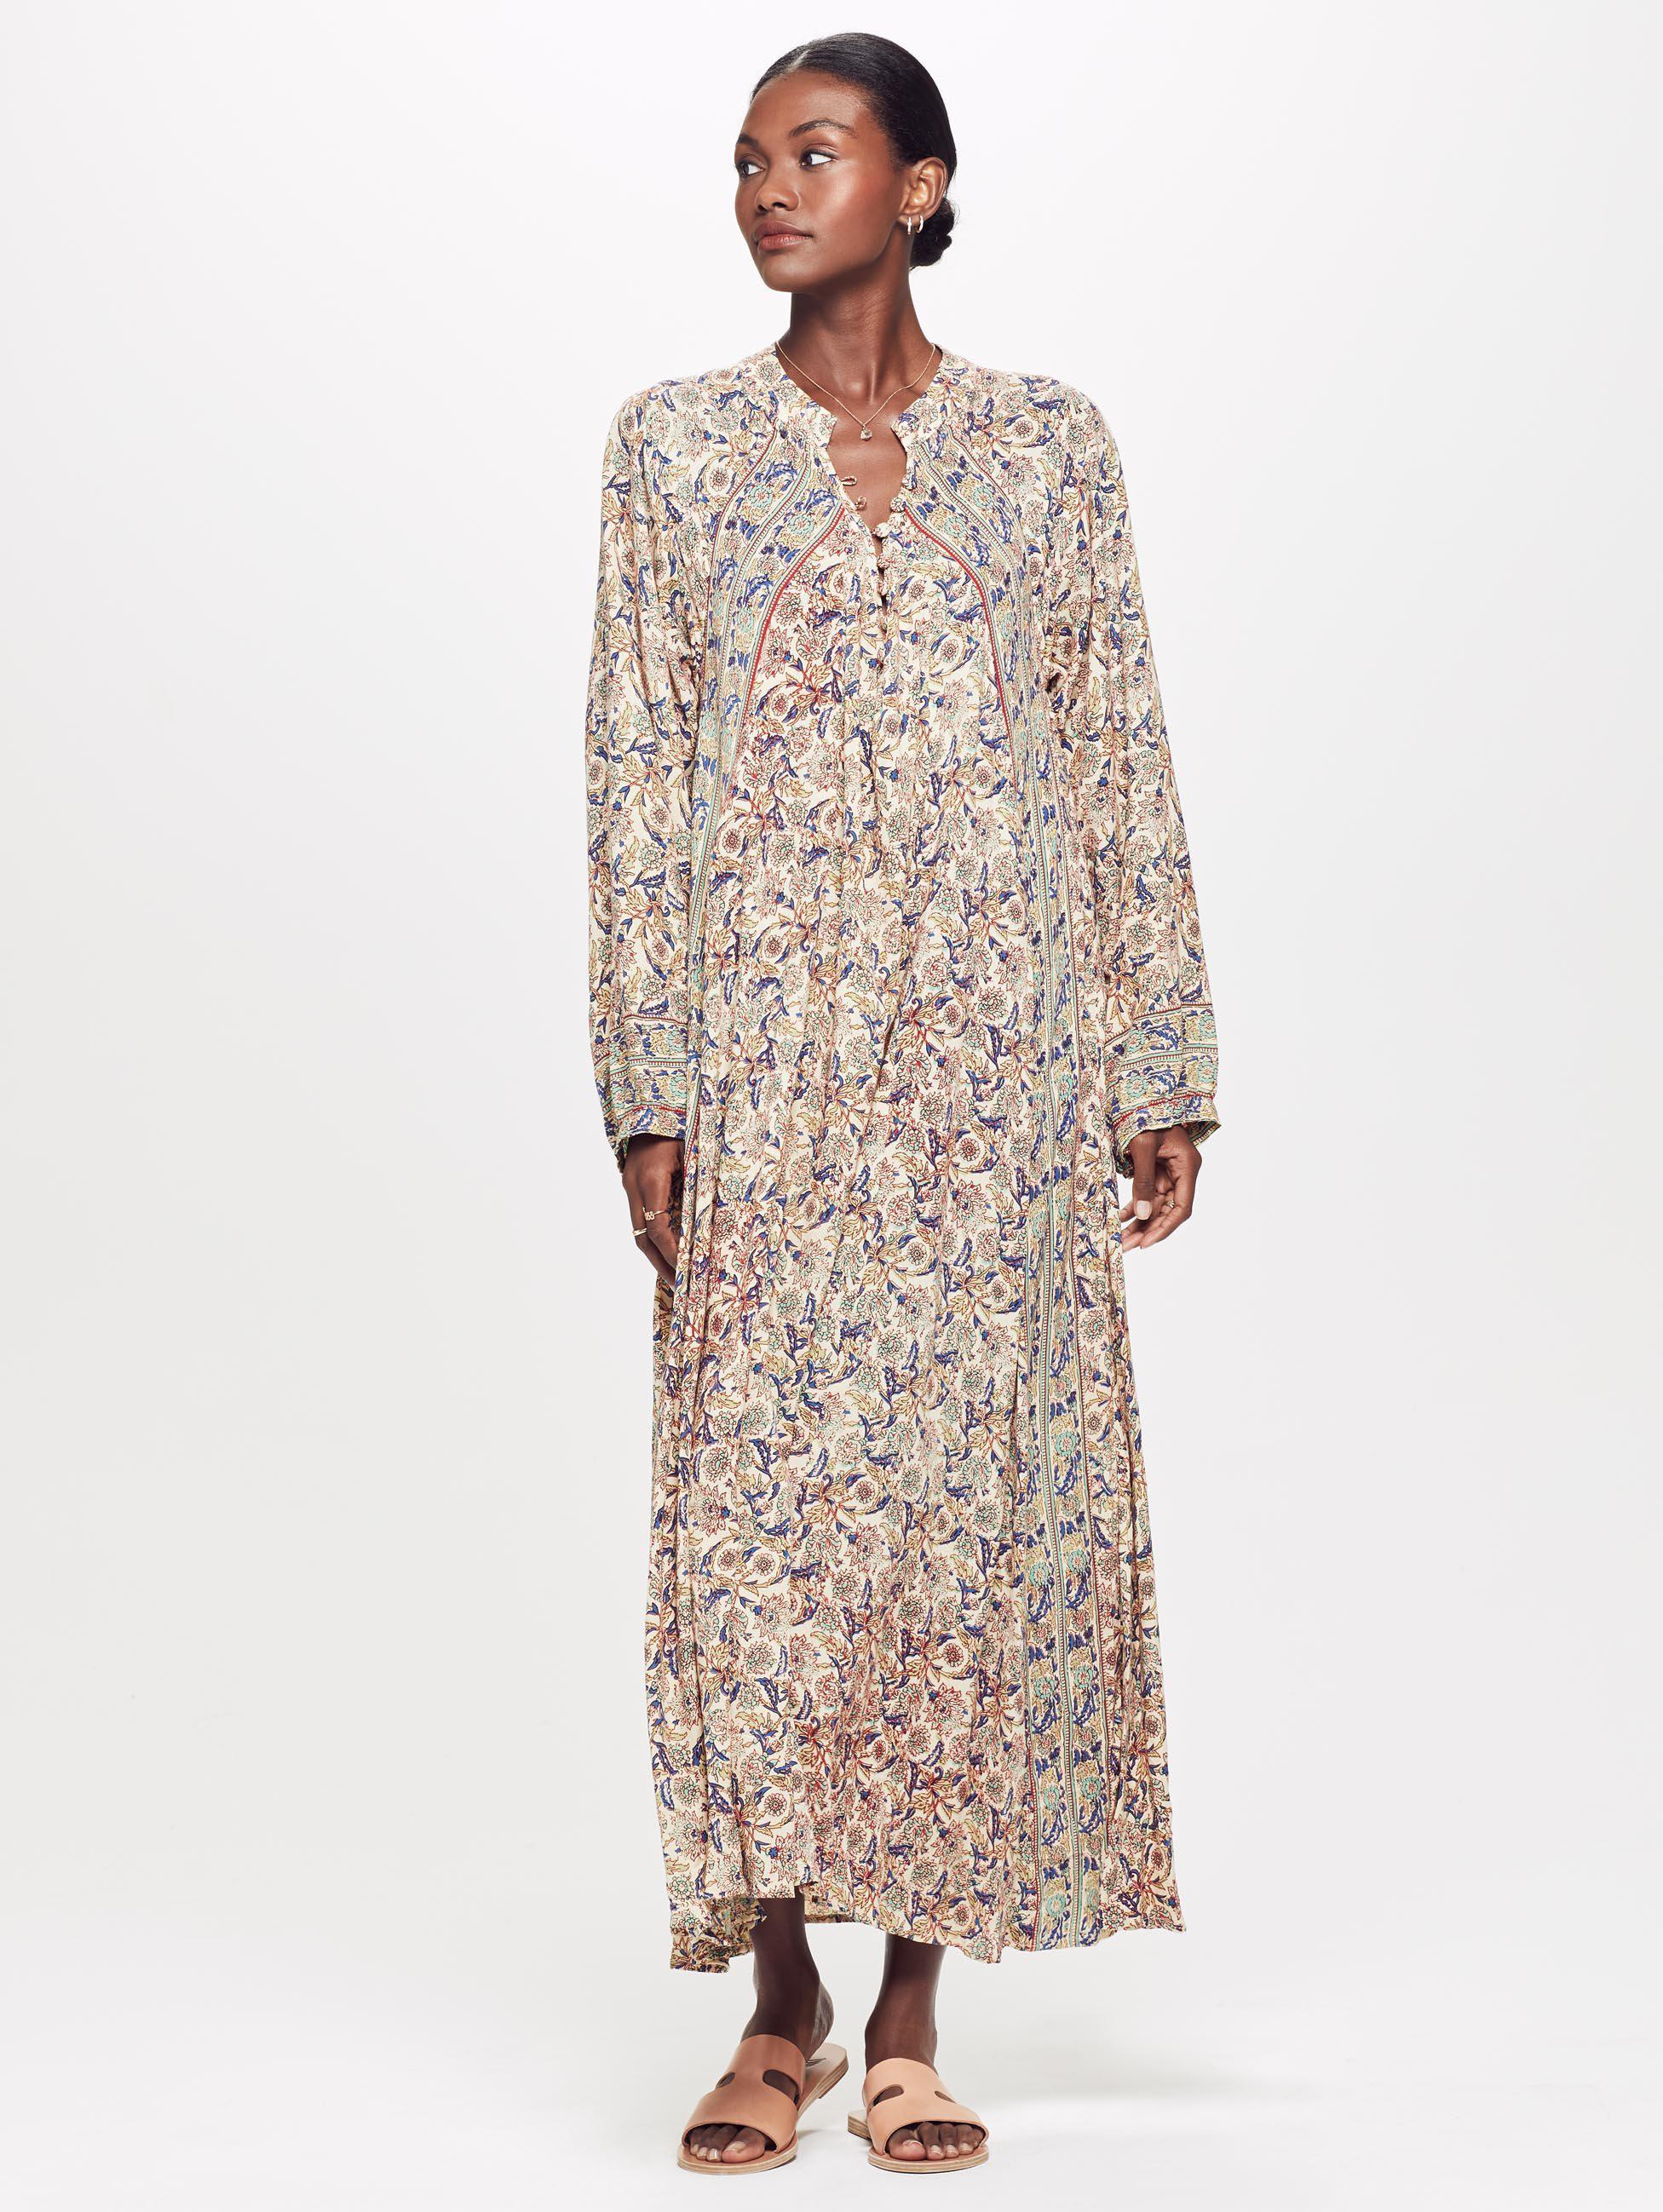 14a888df420 Natalie Martin Fiore Maxi Dress Goa in Natural - Lyst